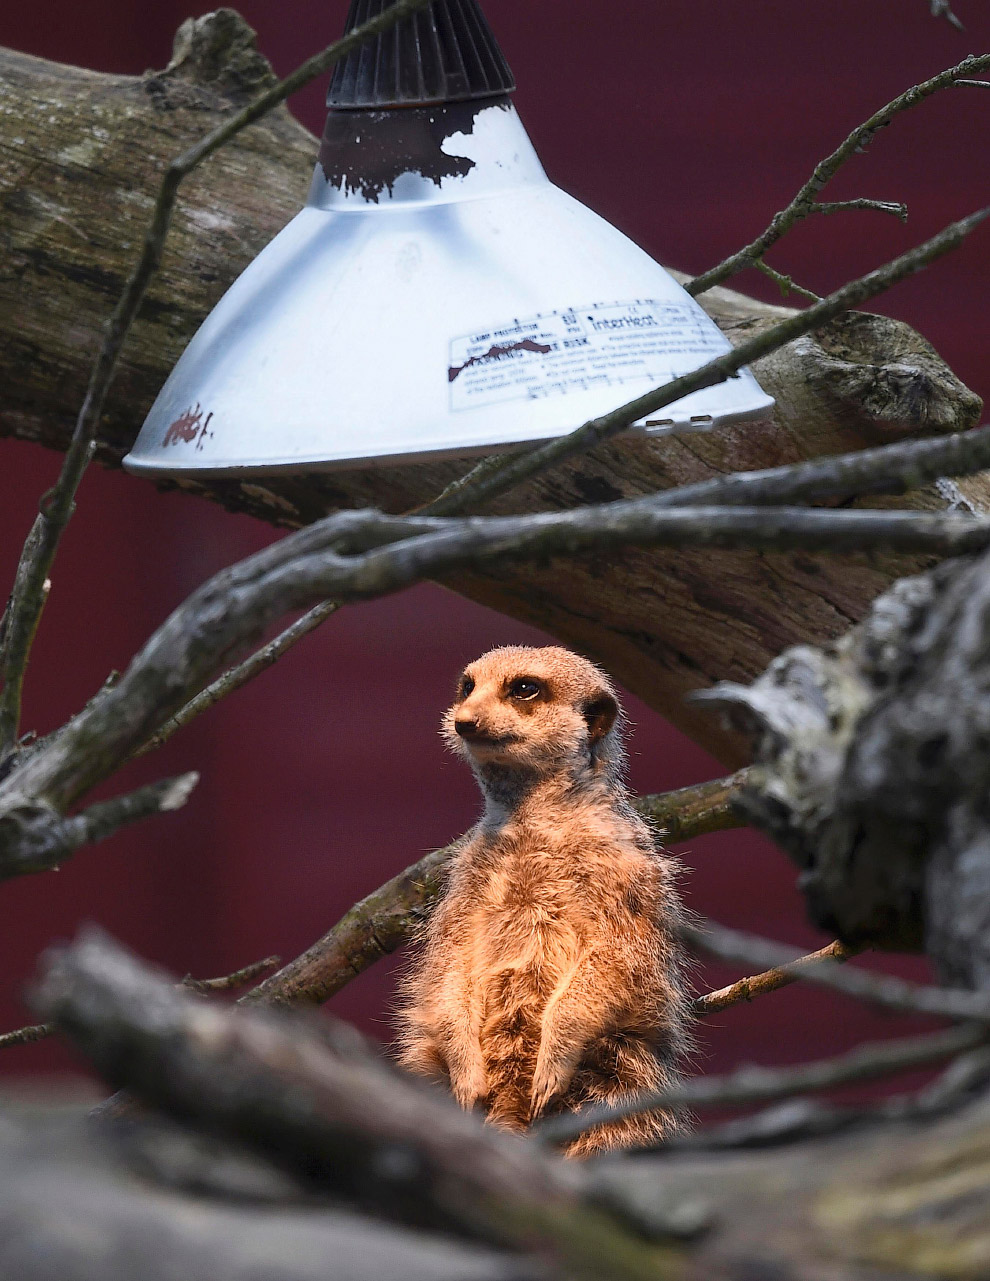 Сурикат в солярии в английском зоопарке